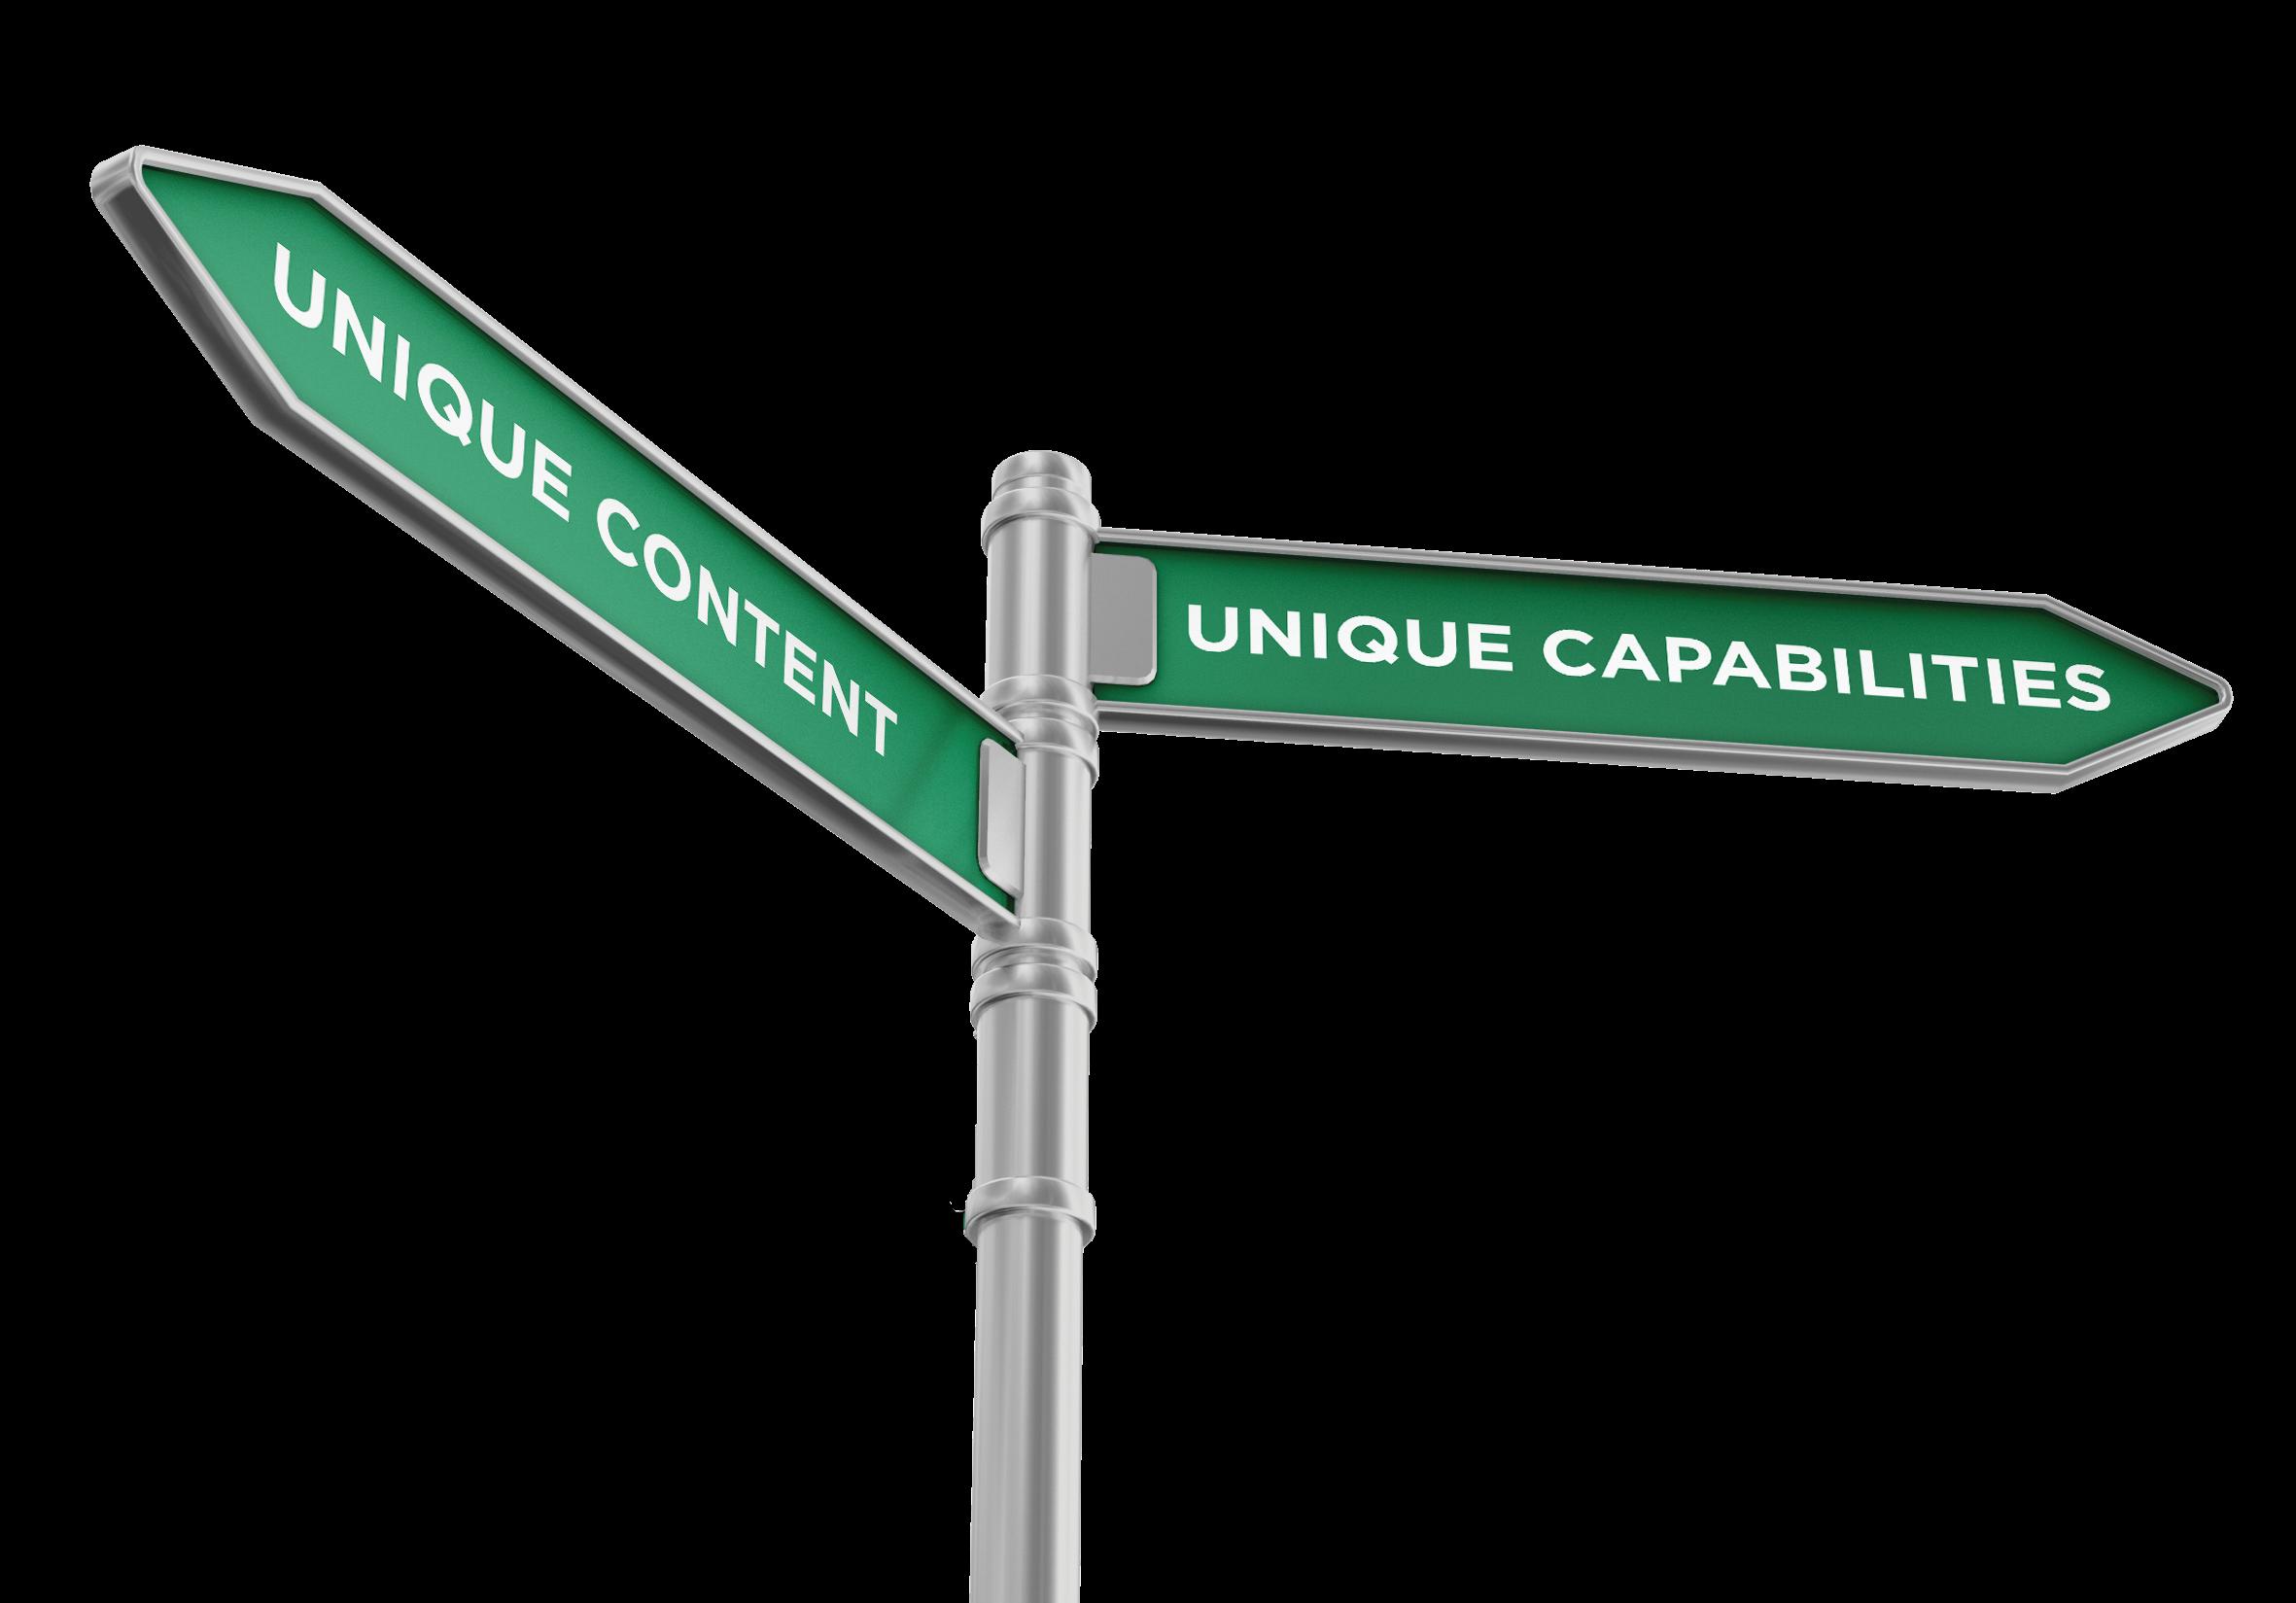 BankruptcyData - Located at the Corner of Unique Content and Unique Capabilities